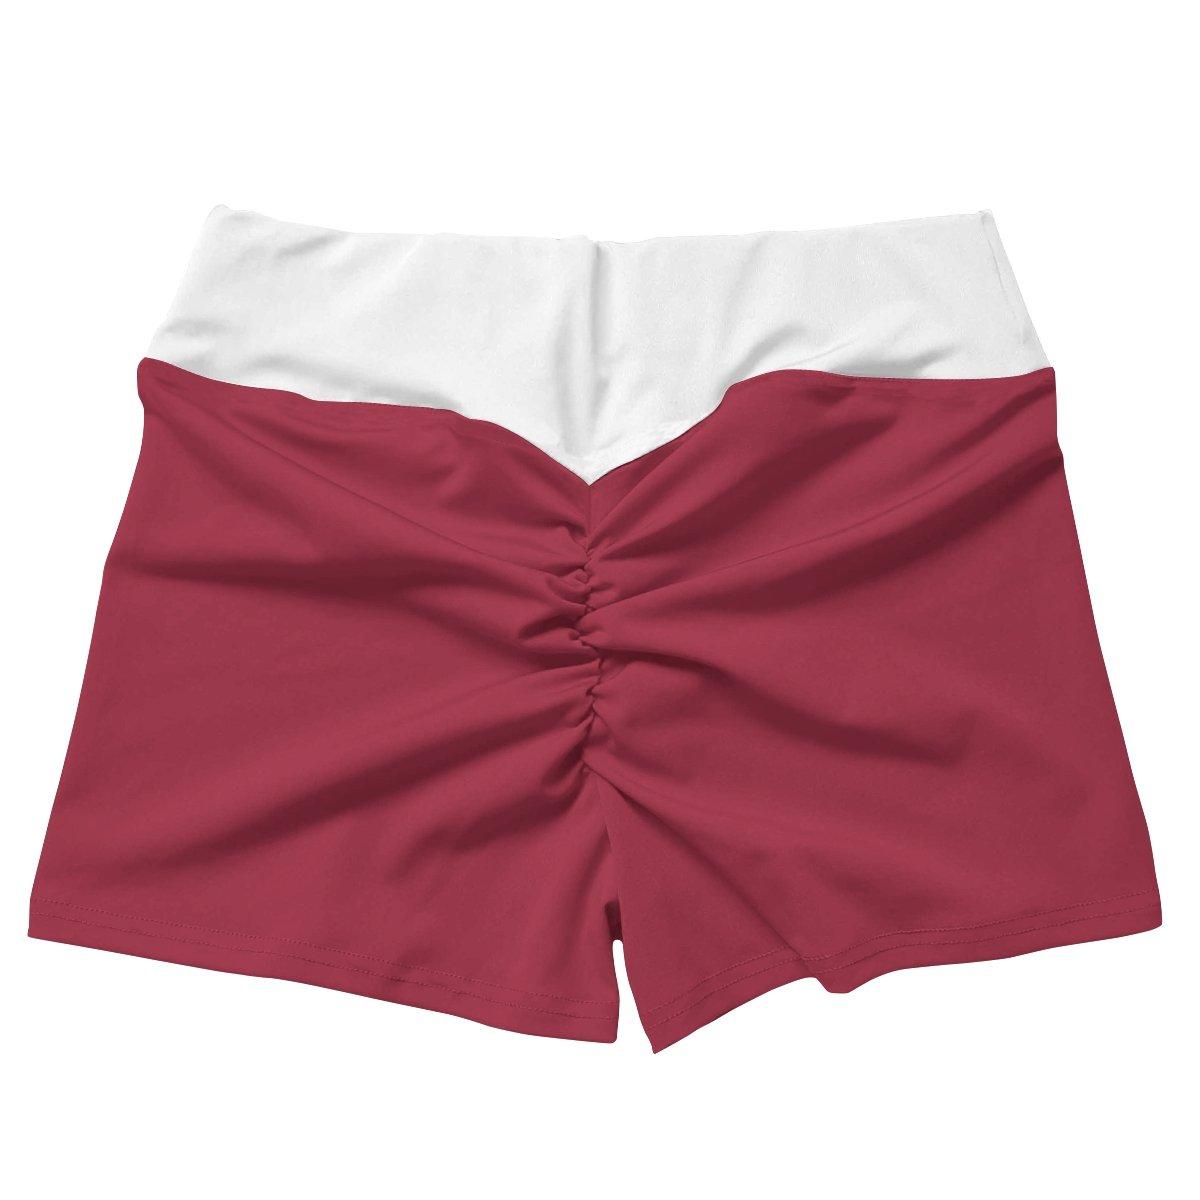 sakura summer active wear set 305021 - Anime Swimsuits